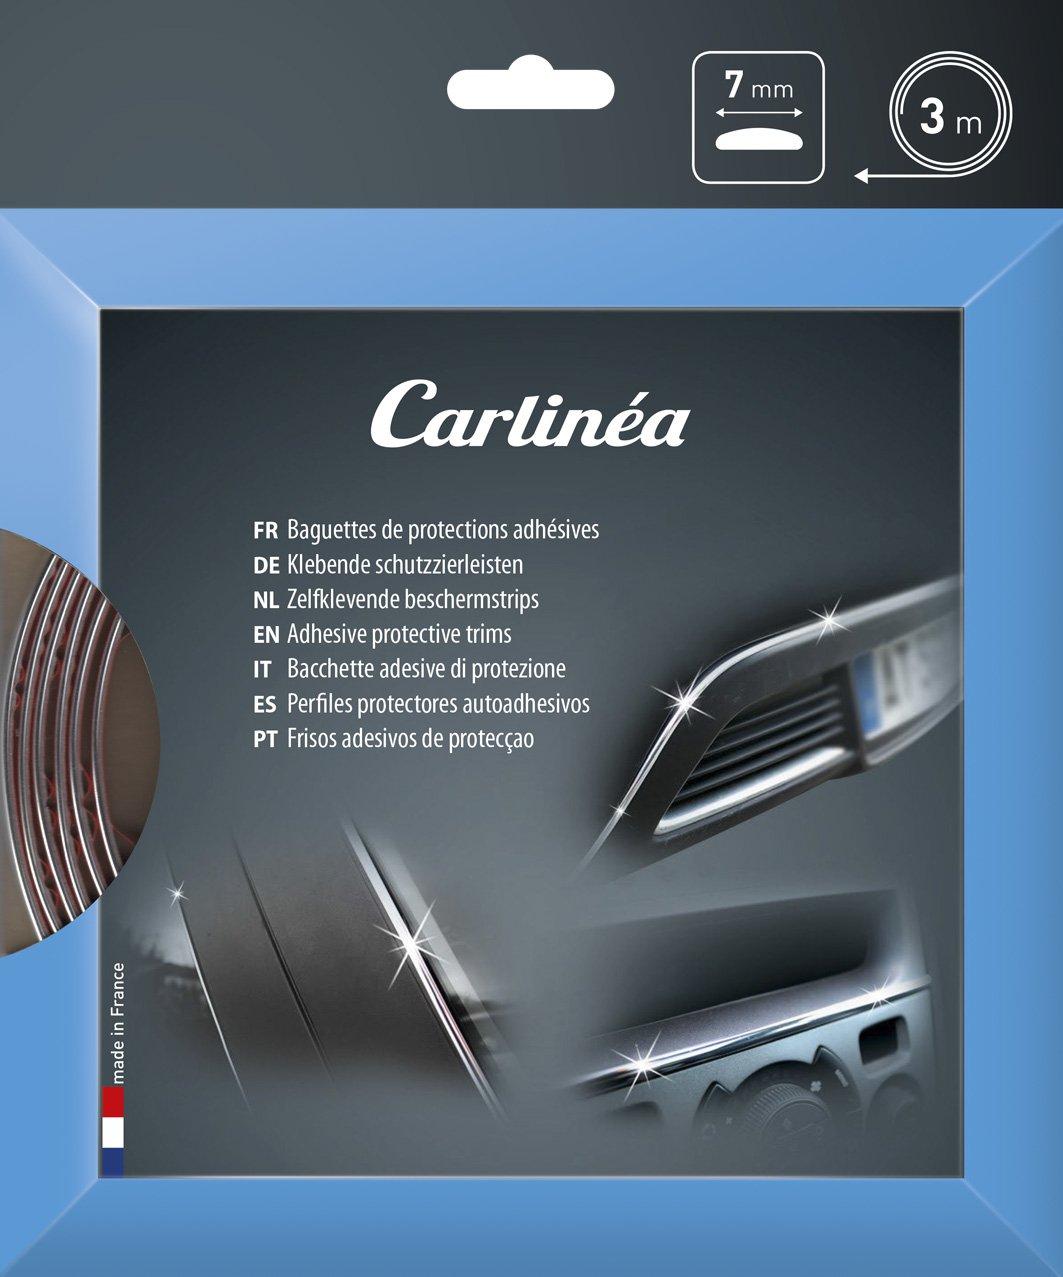 Carlinea 483687 baqueta protección cromado adhesiva, 7 mm x 3 m: Amazon.es: Coche y moto